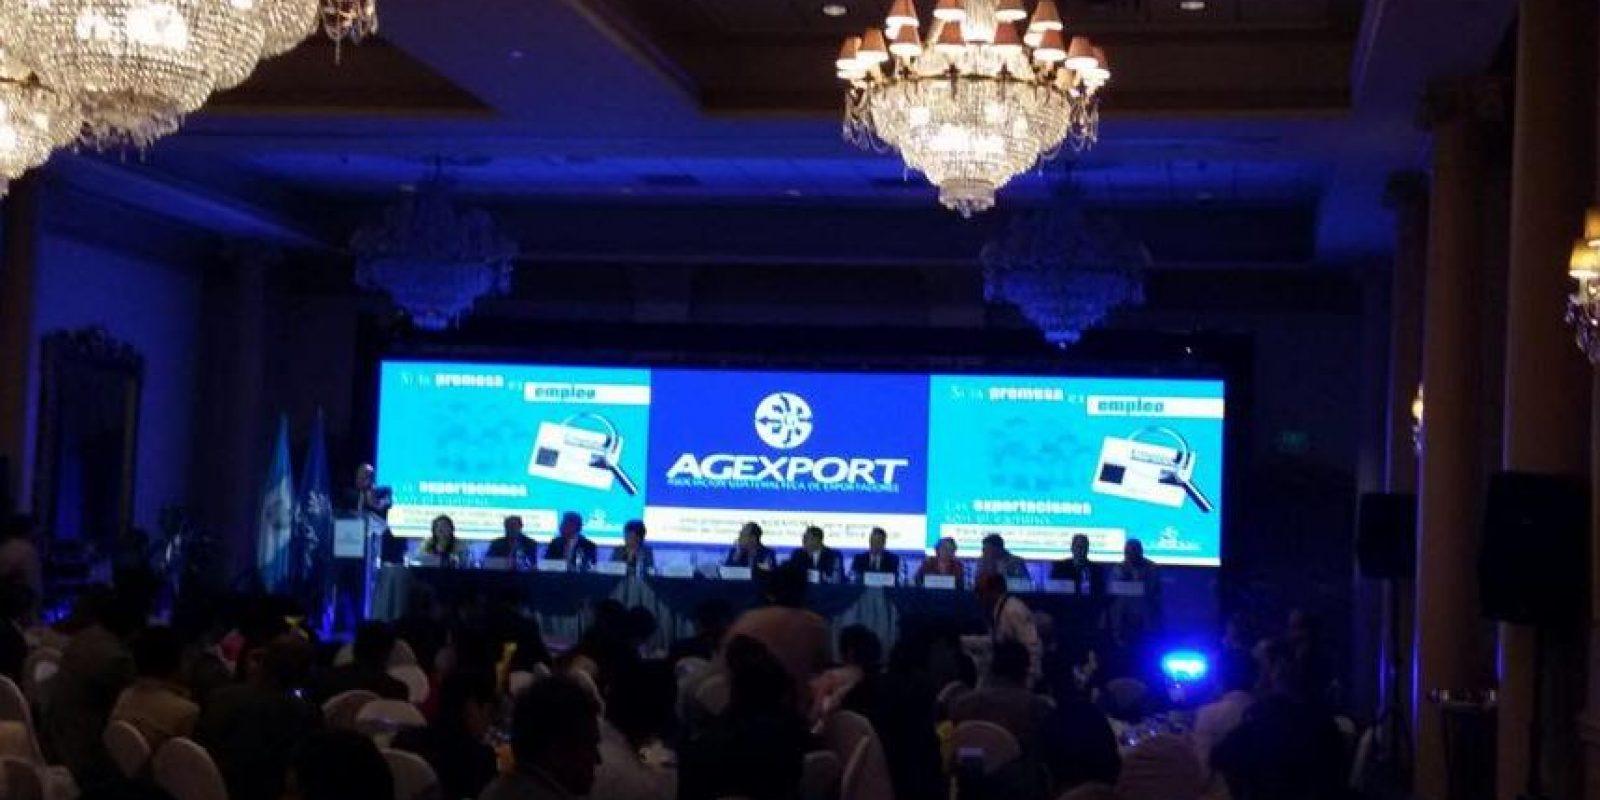 Foto:Agexport